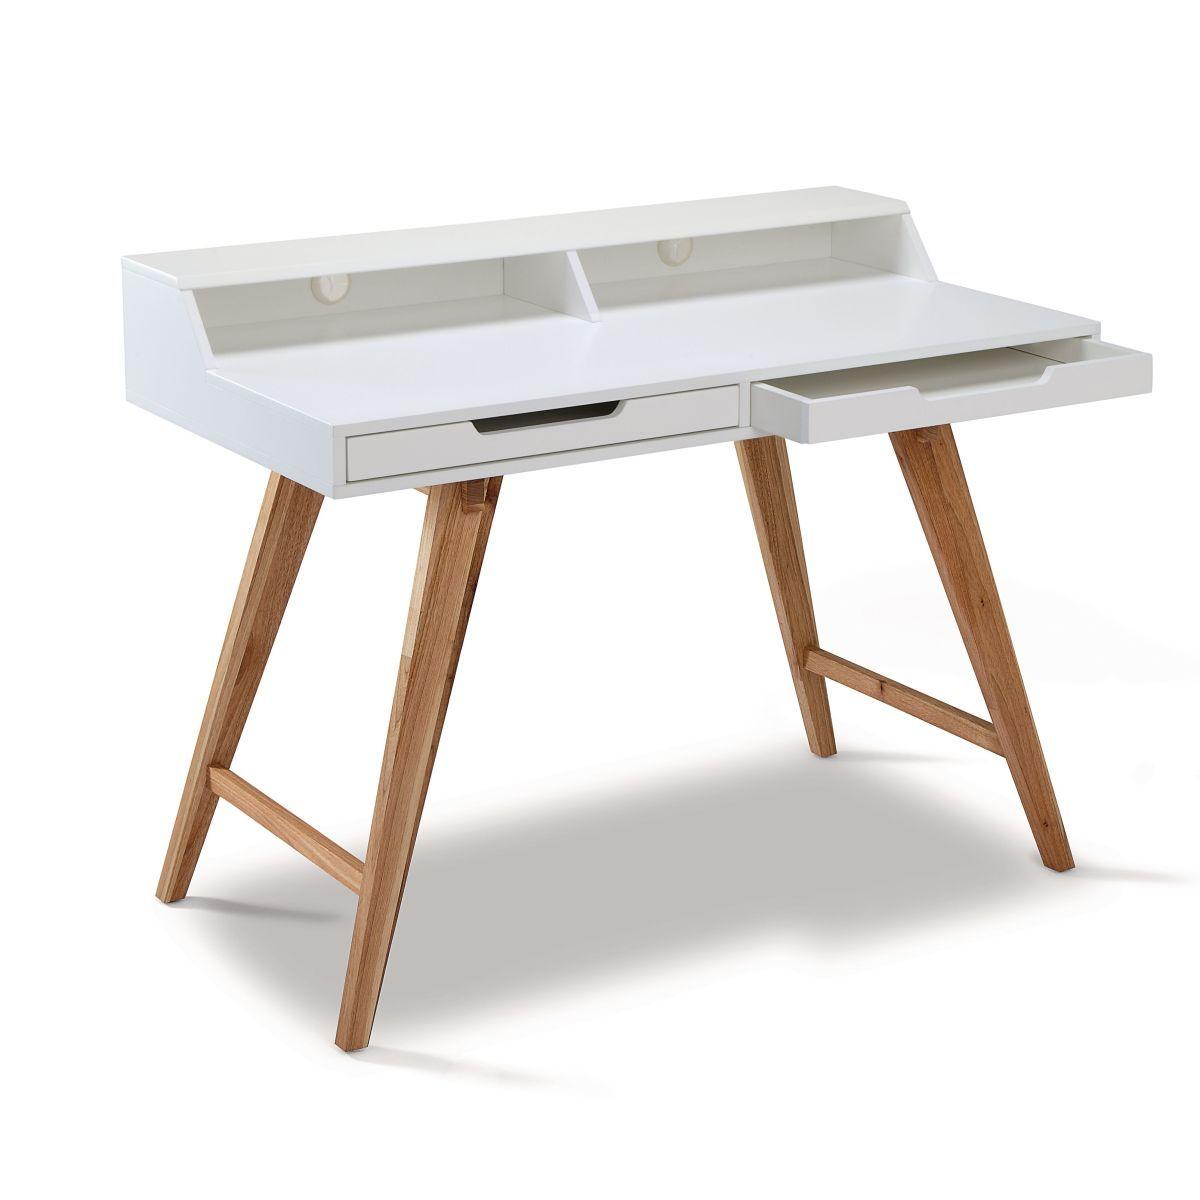 Schreibtisch modern  Schreibtisch weiß im Modern Loft Look | Modern lofts, Lofts and Modern